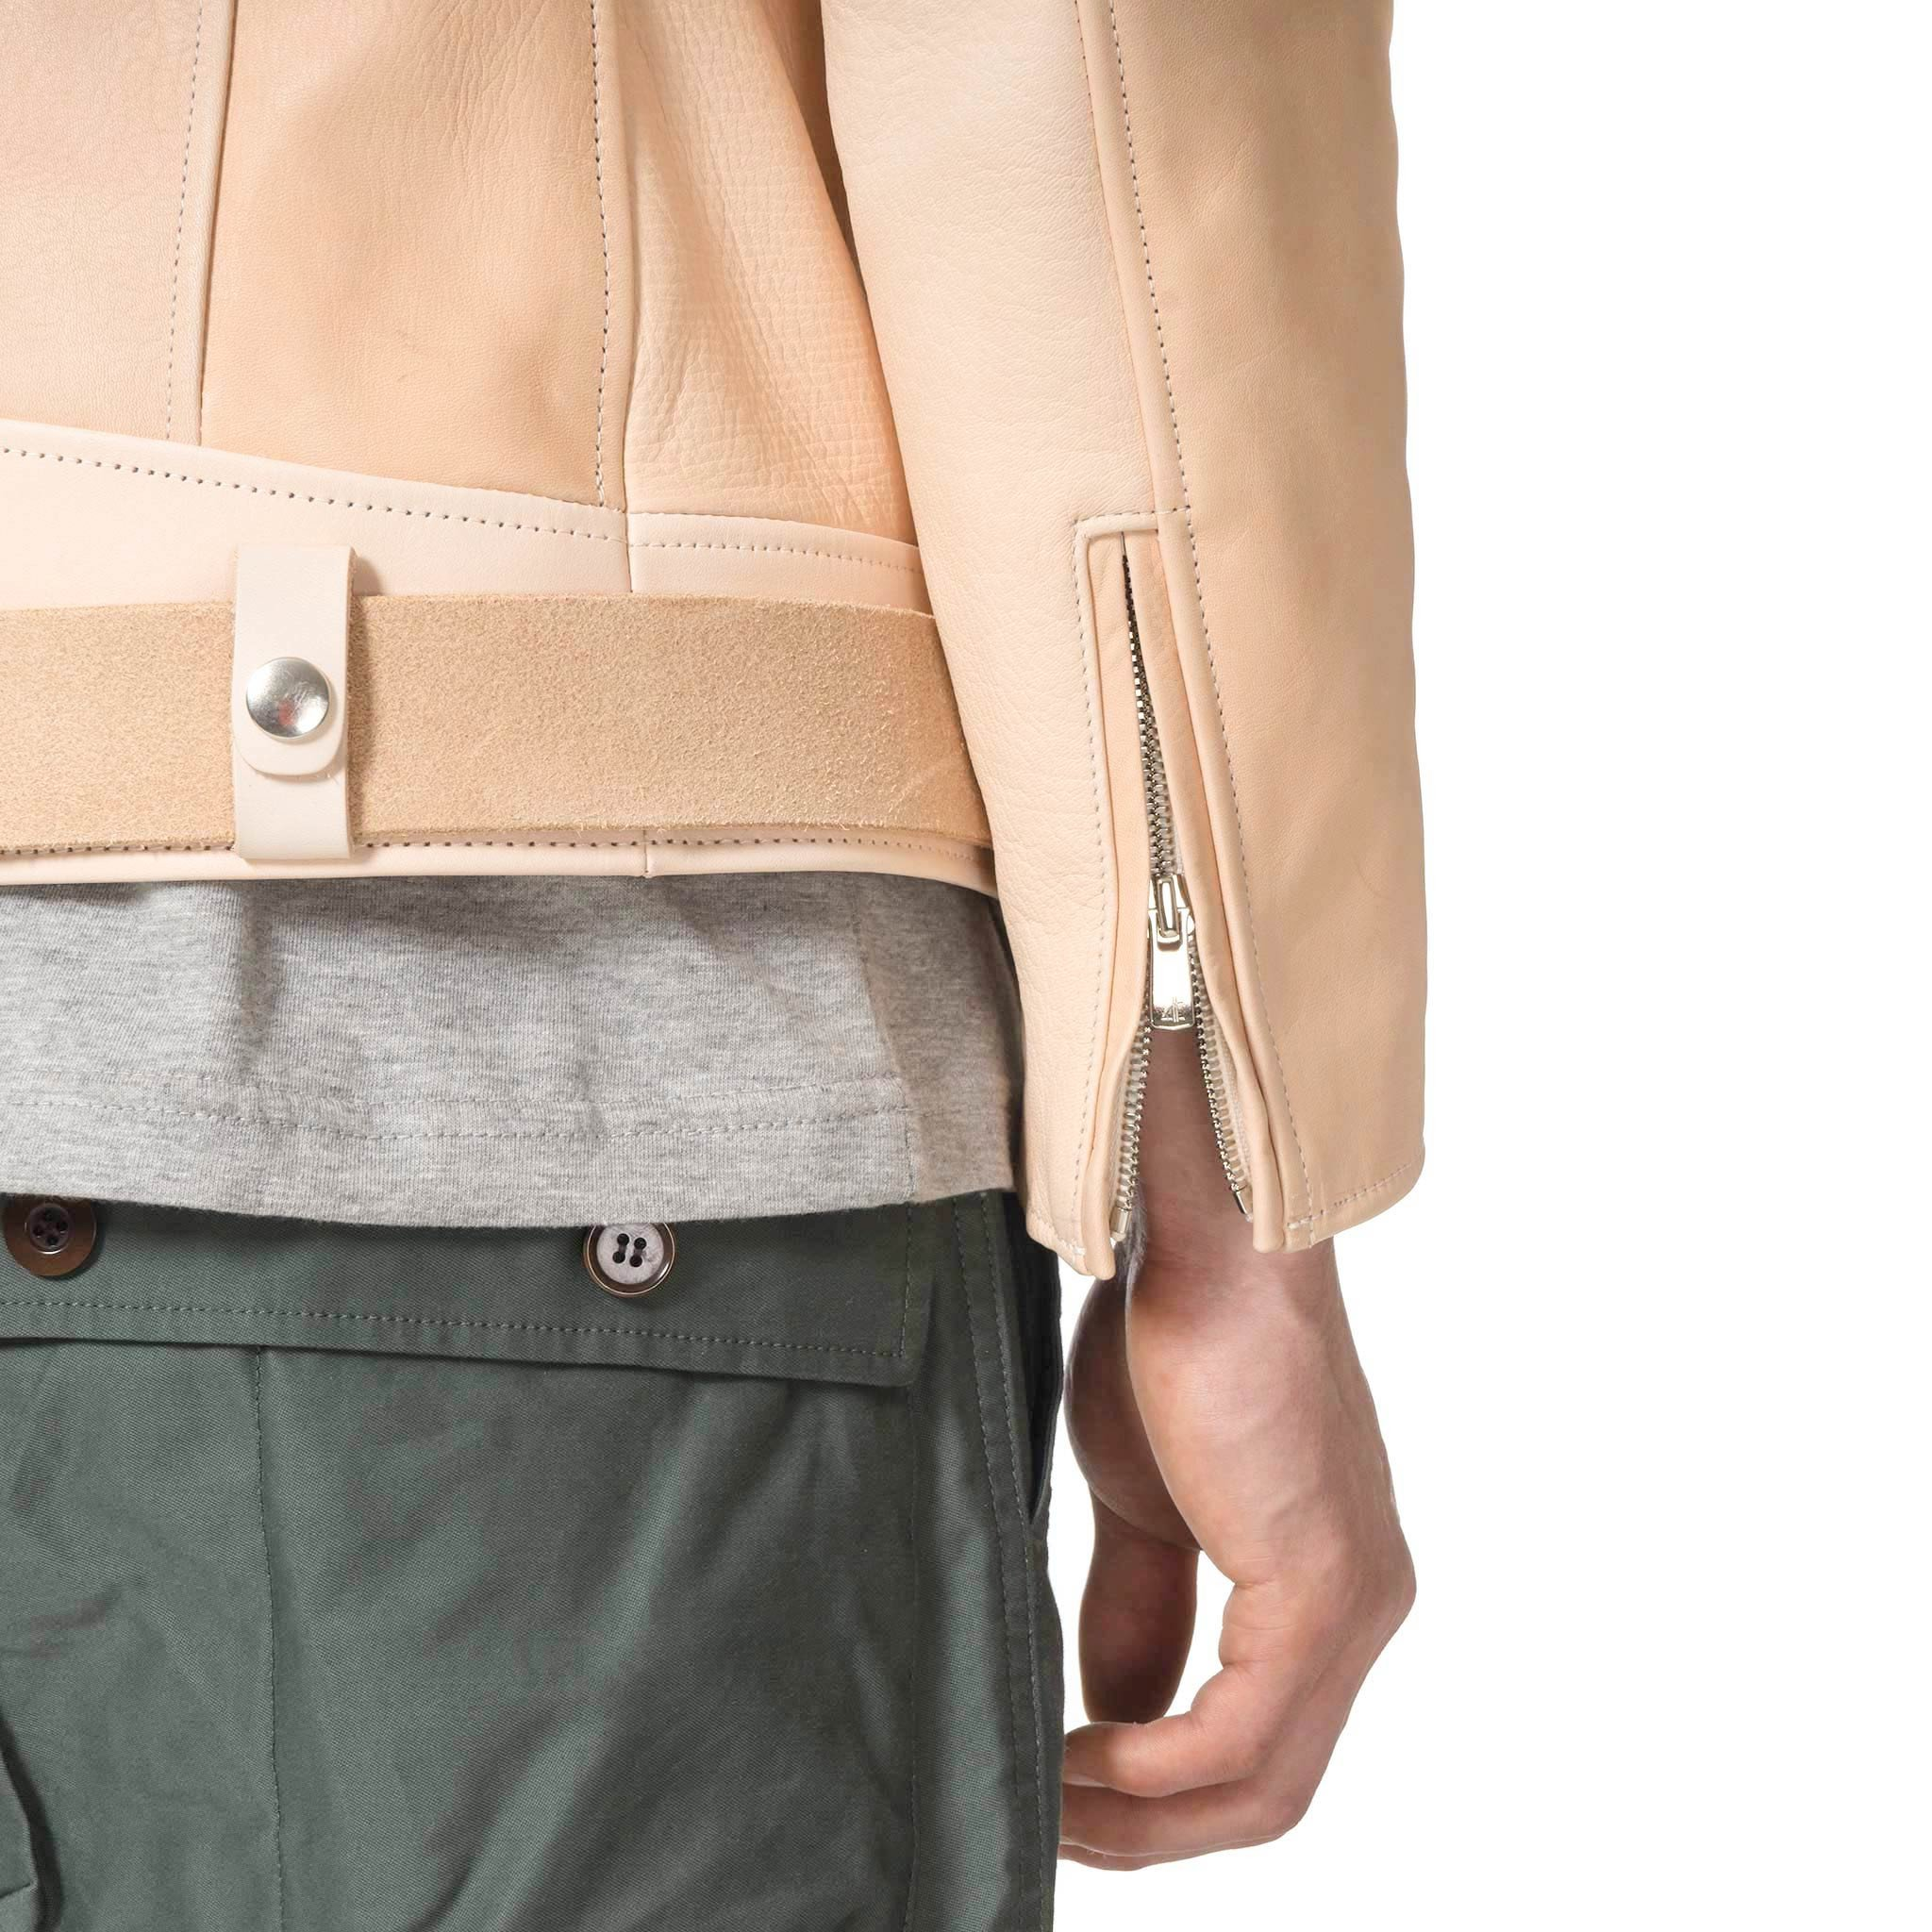 Hender-Scheme-Leather-Jacket-NATURAL-12_2048x2048